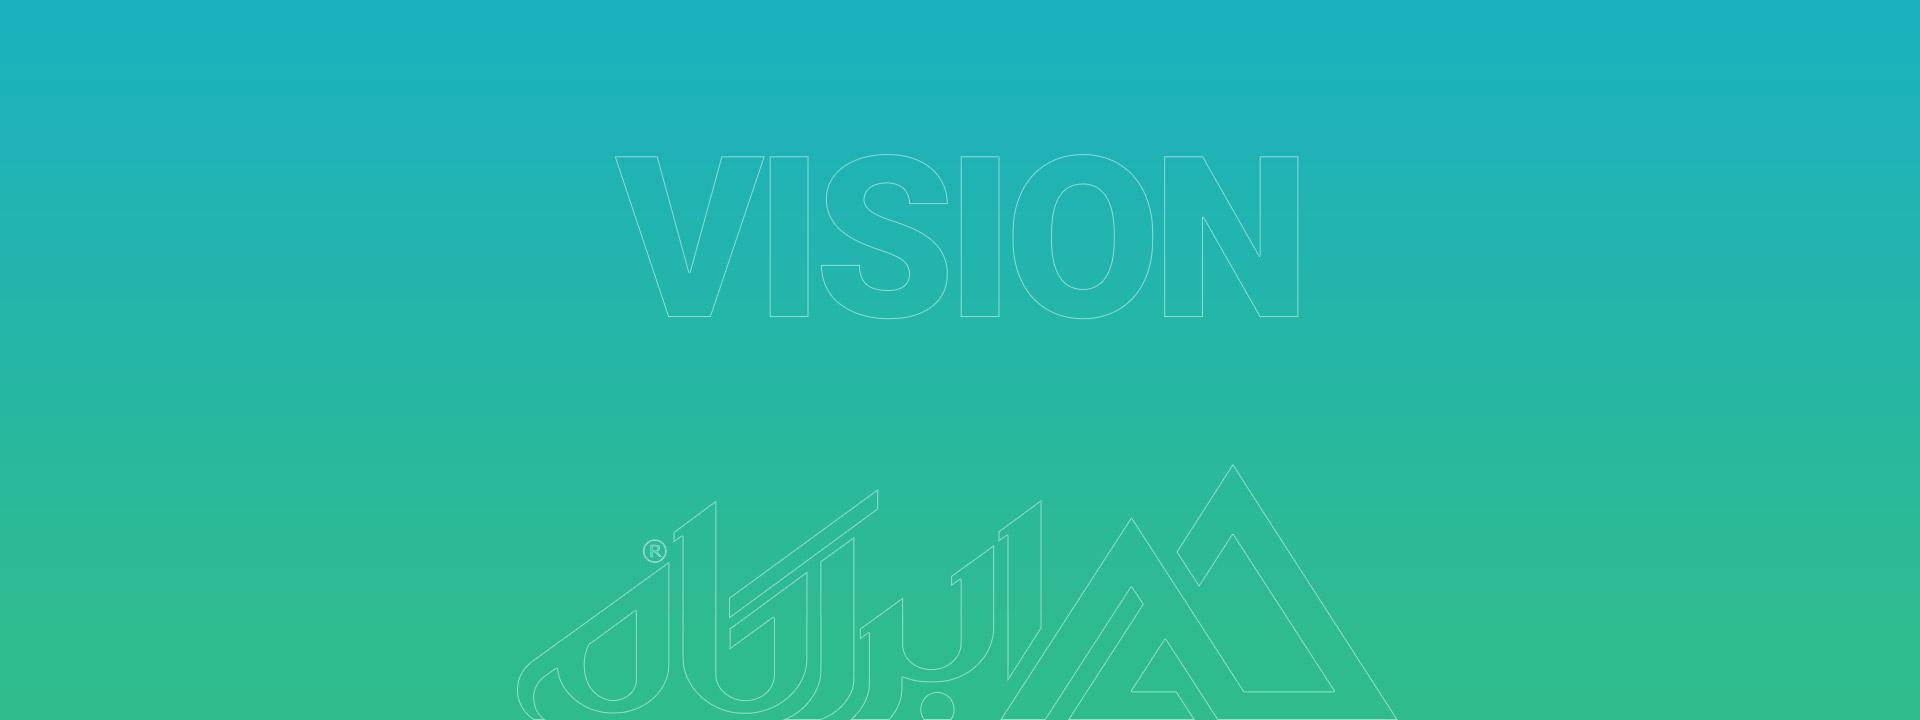 about-slider-vision